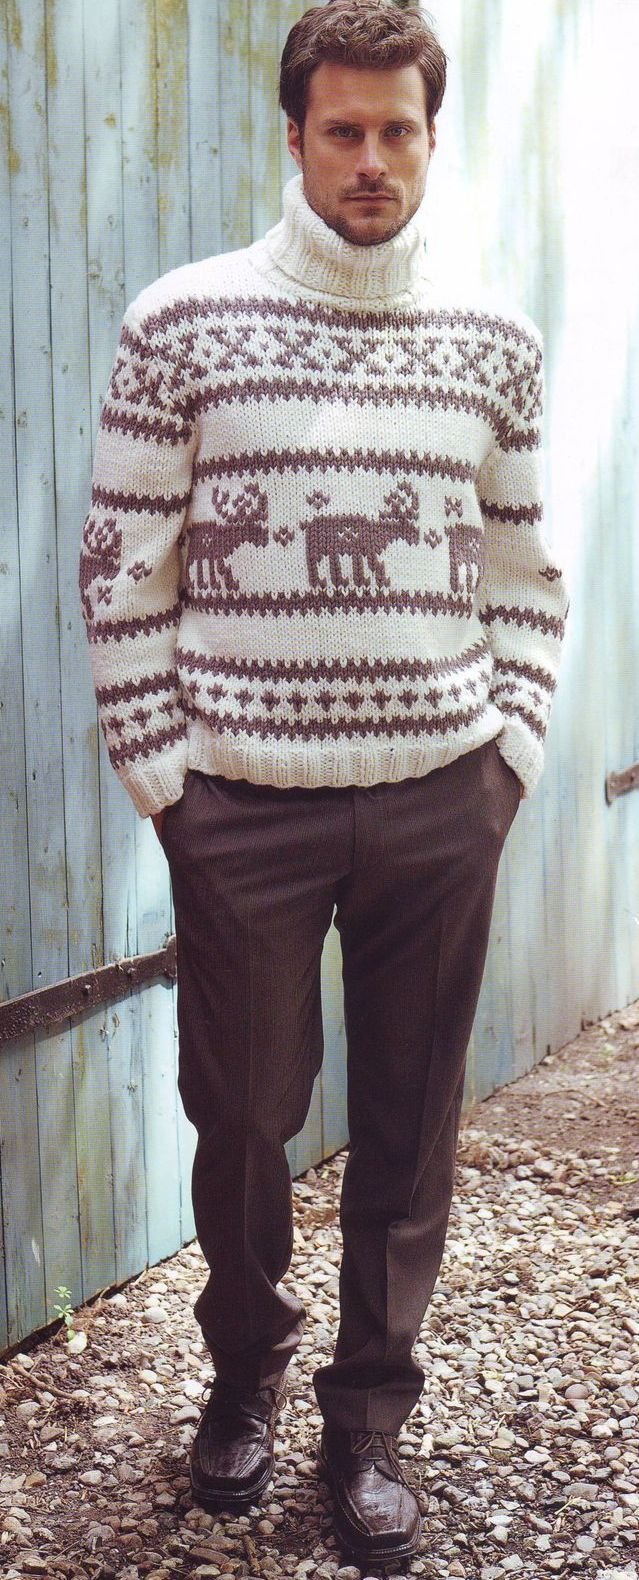 Вязаный пуловер для любимого мужчины.  Главное, чтобы у вашего мужчины было чувство юмора, (это про оленей)...